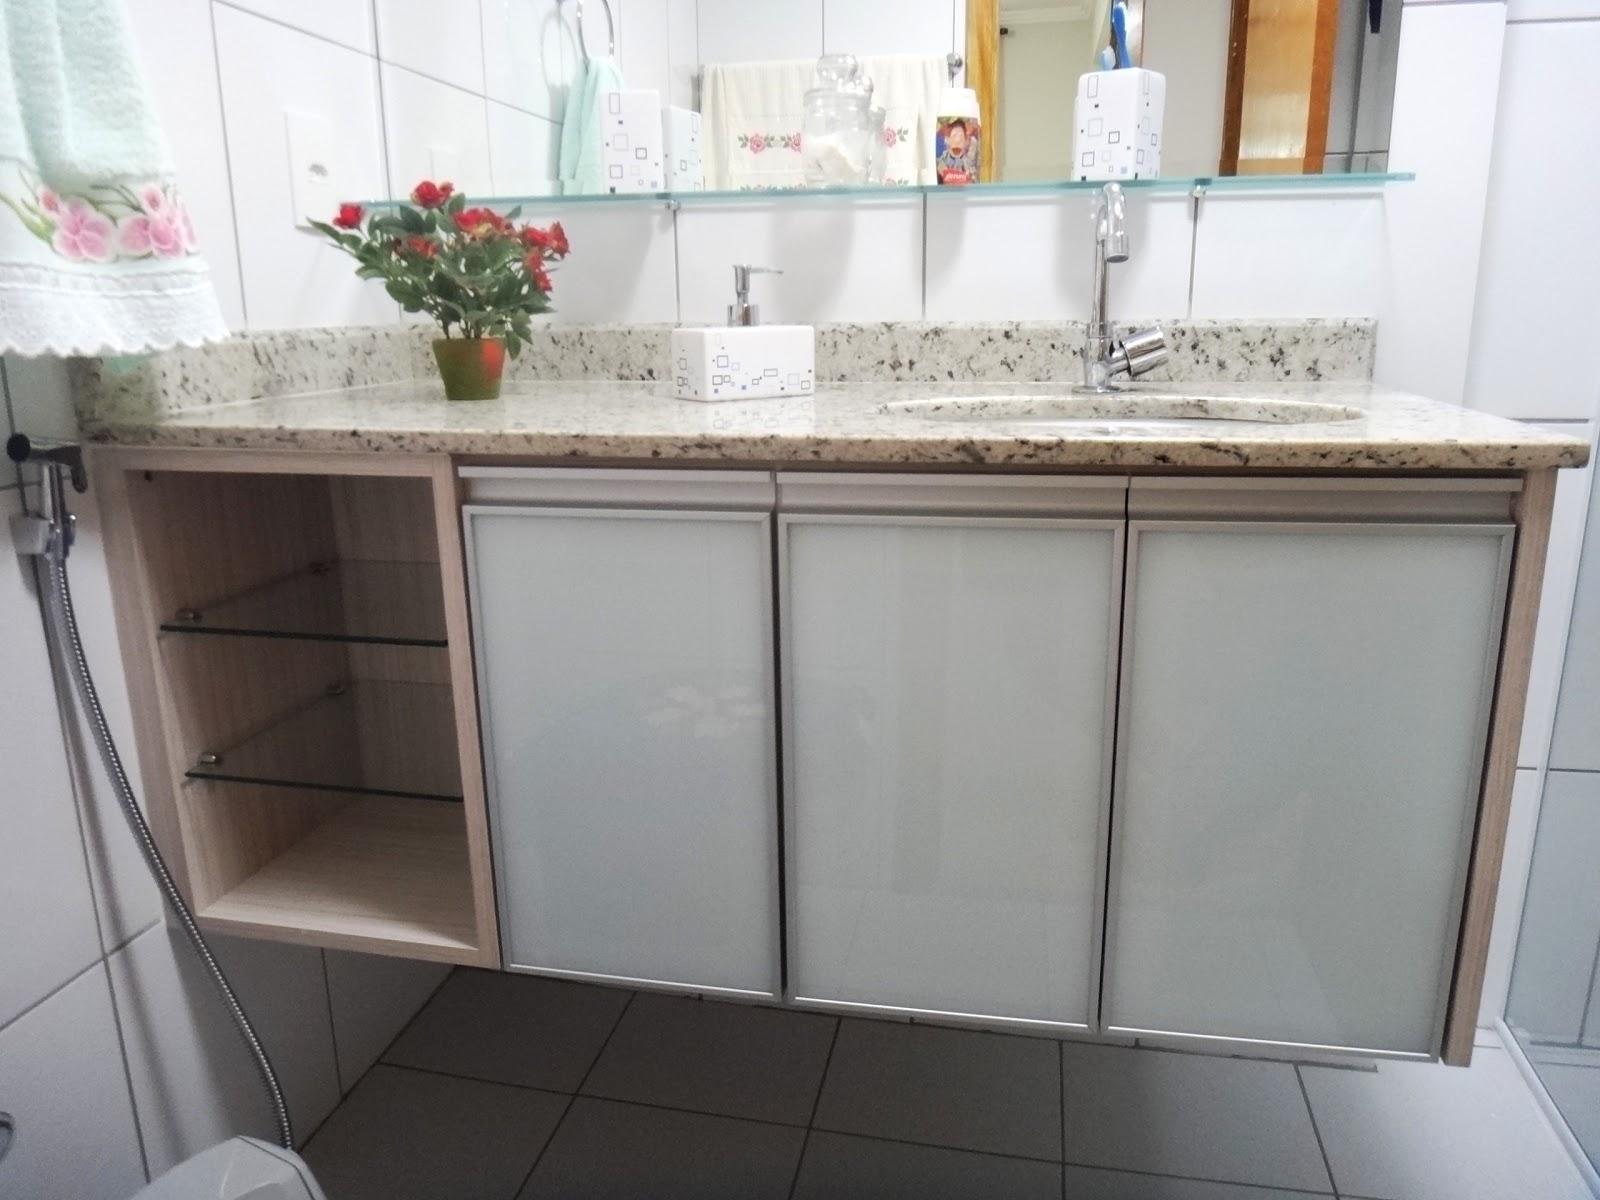 #826549 Armários de Banheiro com portas de vidro branco 1600x1200 px toucador de banheiro de vidro